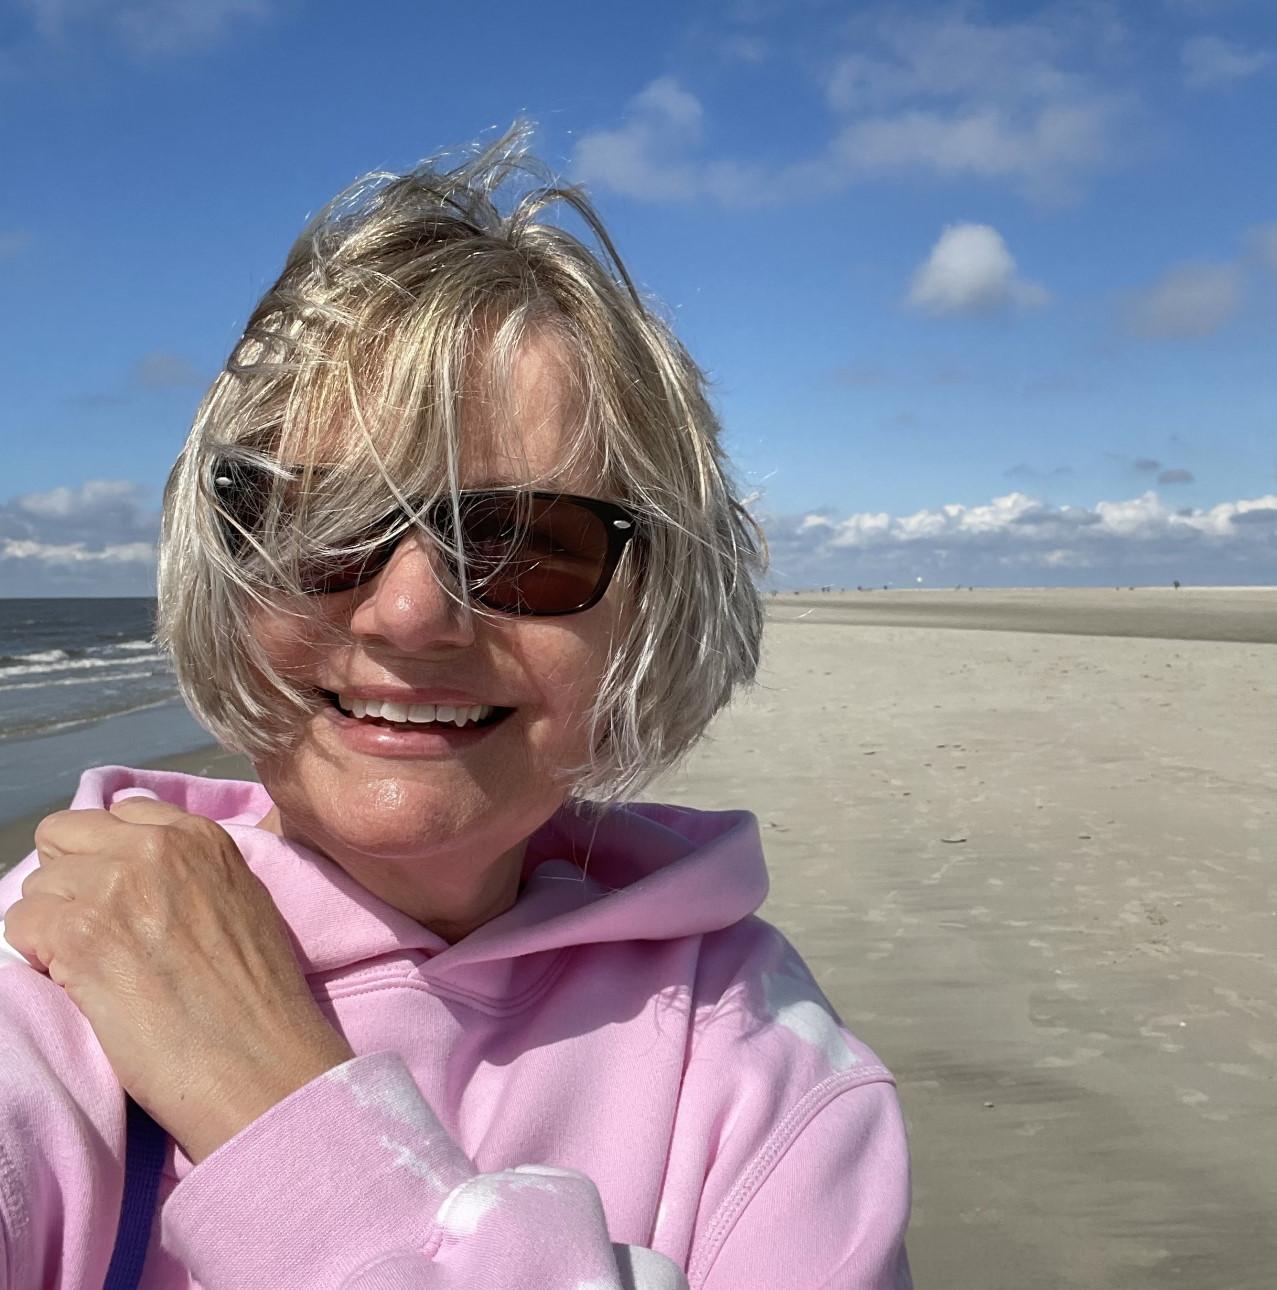 nordsee, nordfriesland, strand, strandspaziergang, sankt peter-ordinng